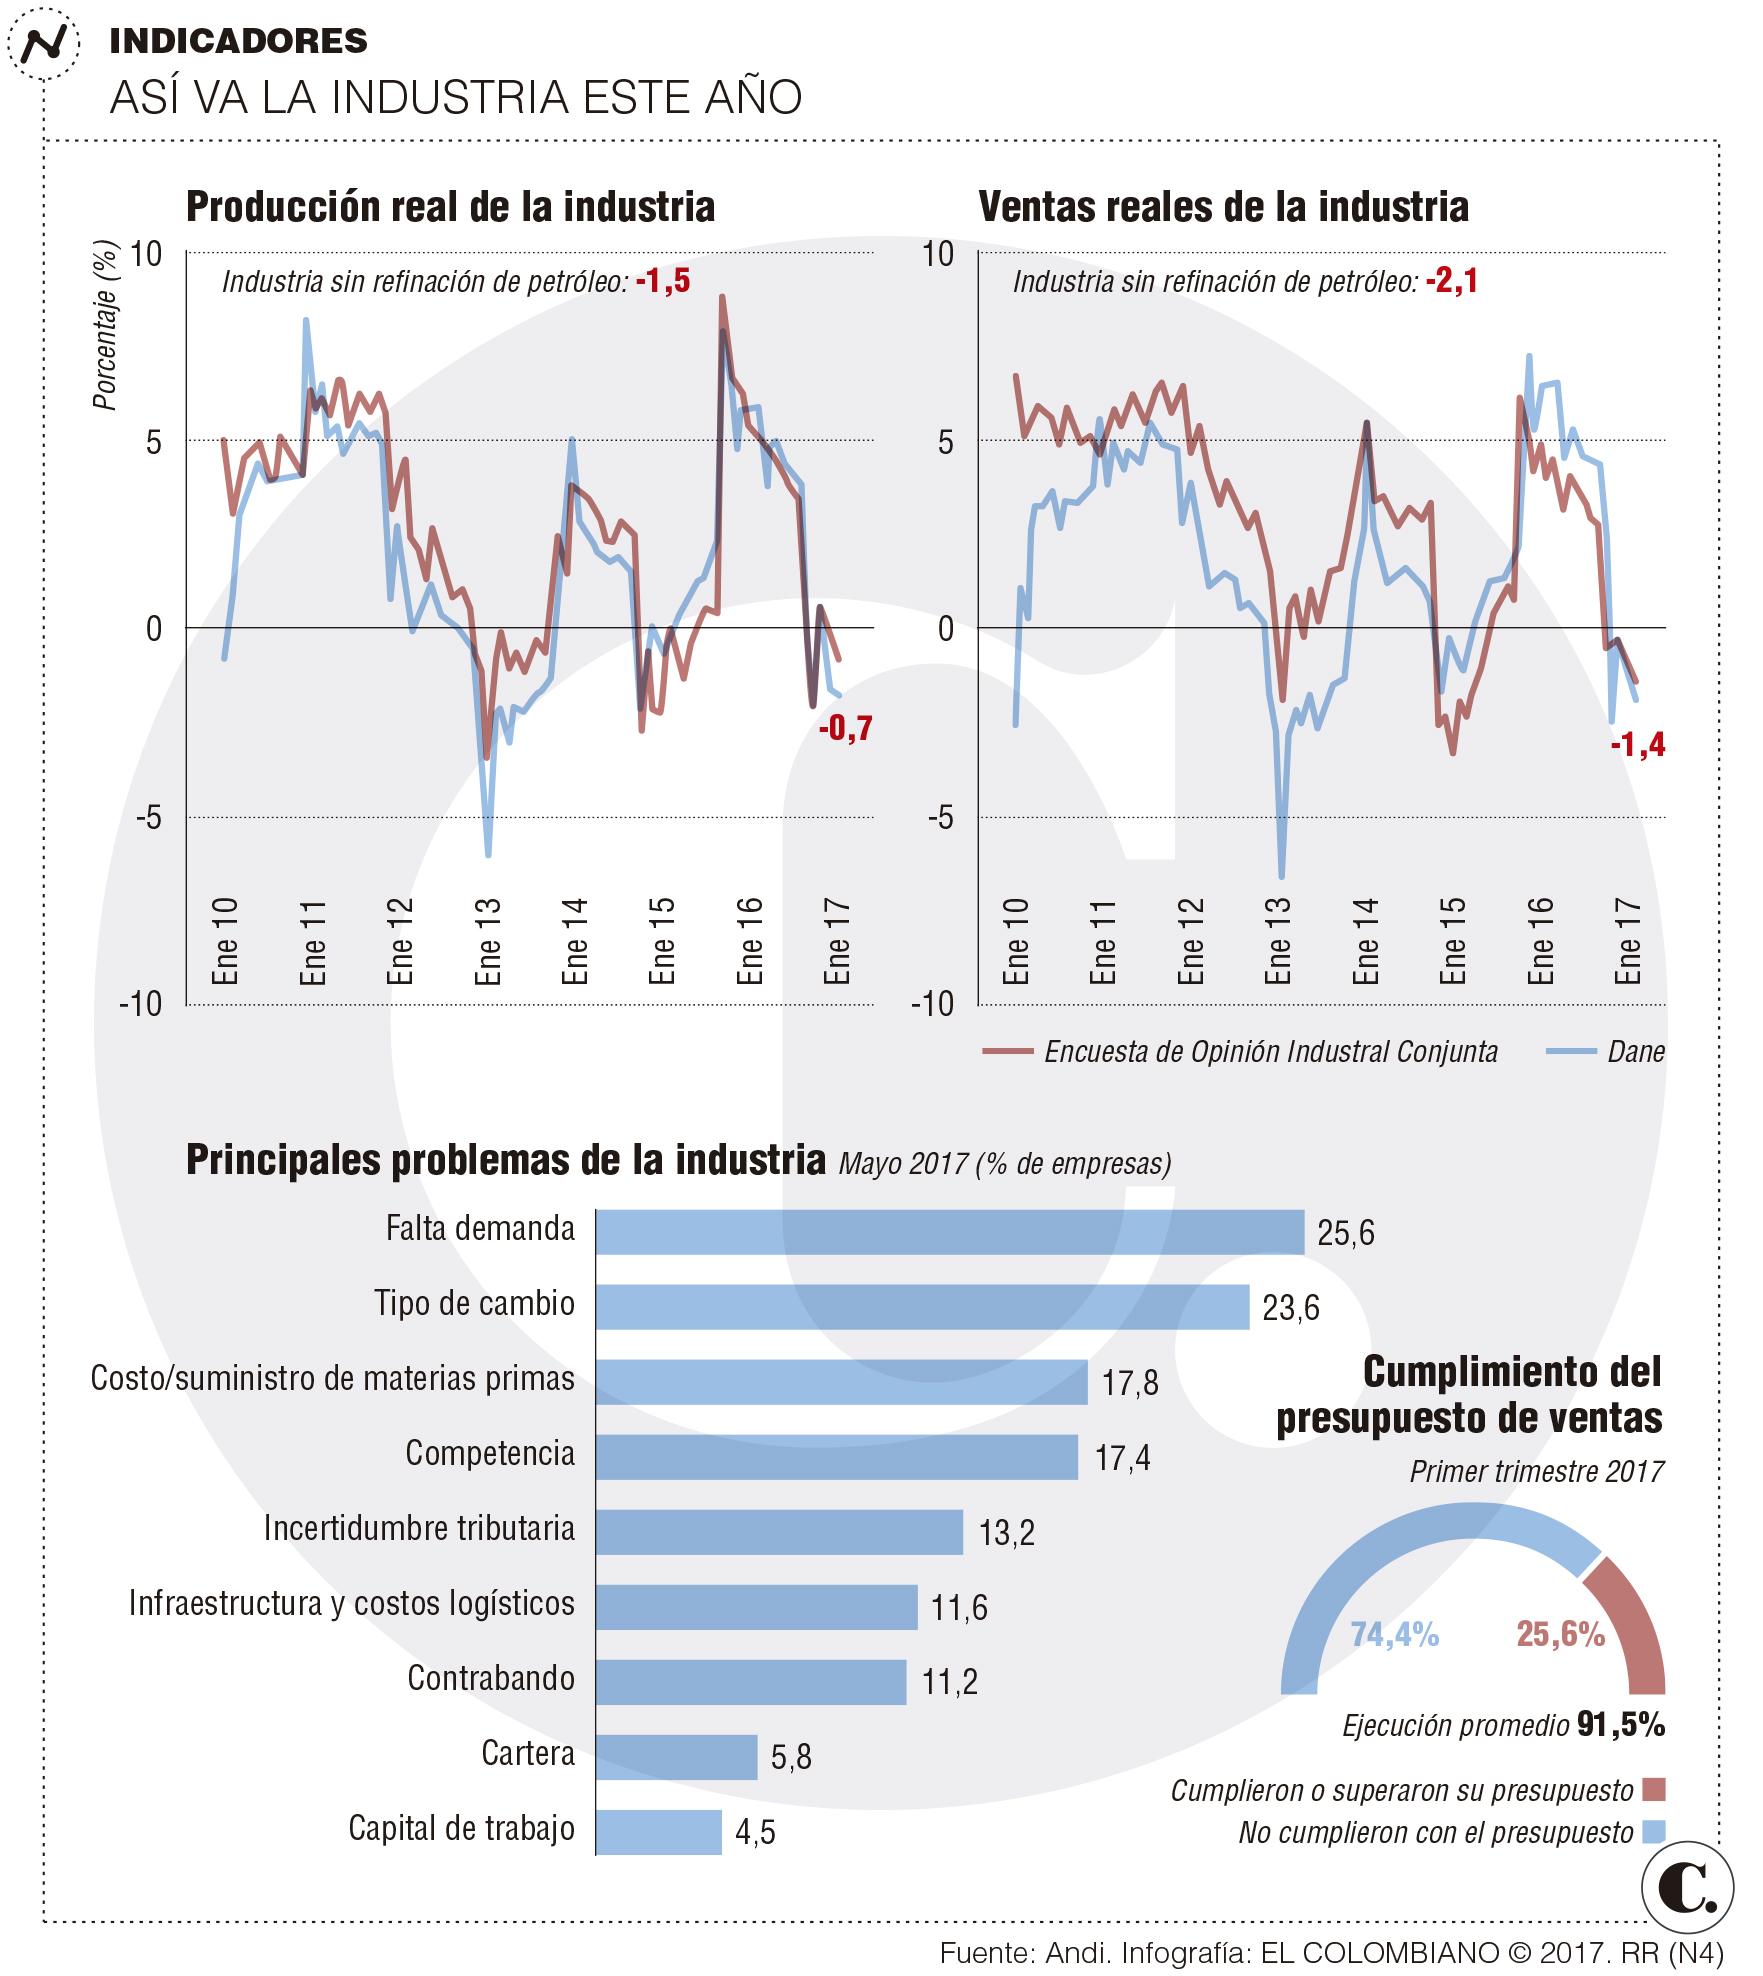 Andi asegura que economía colombiana no está en crisis